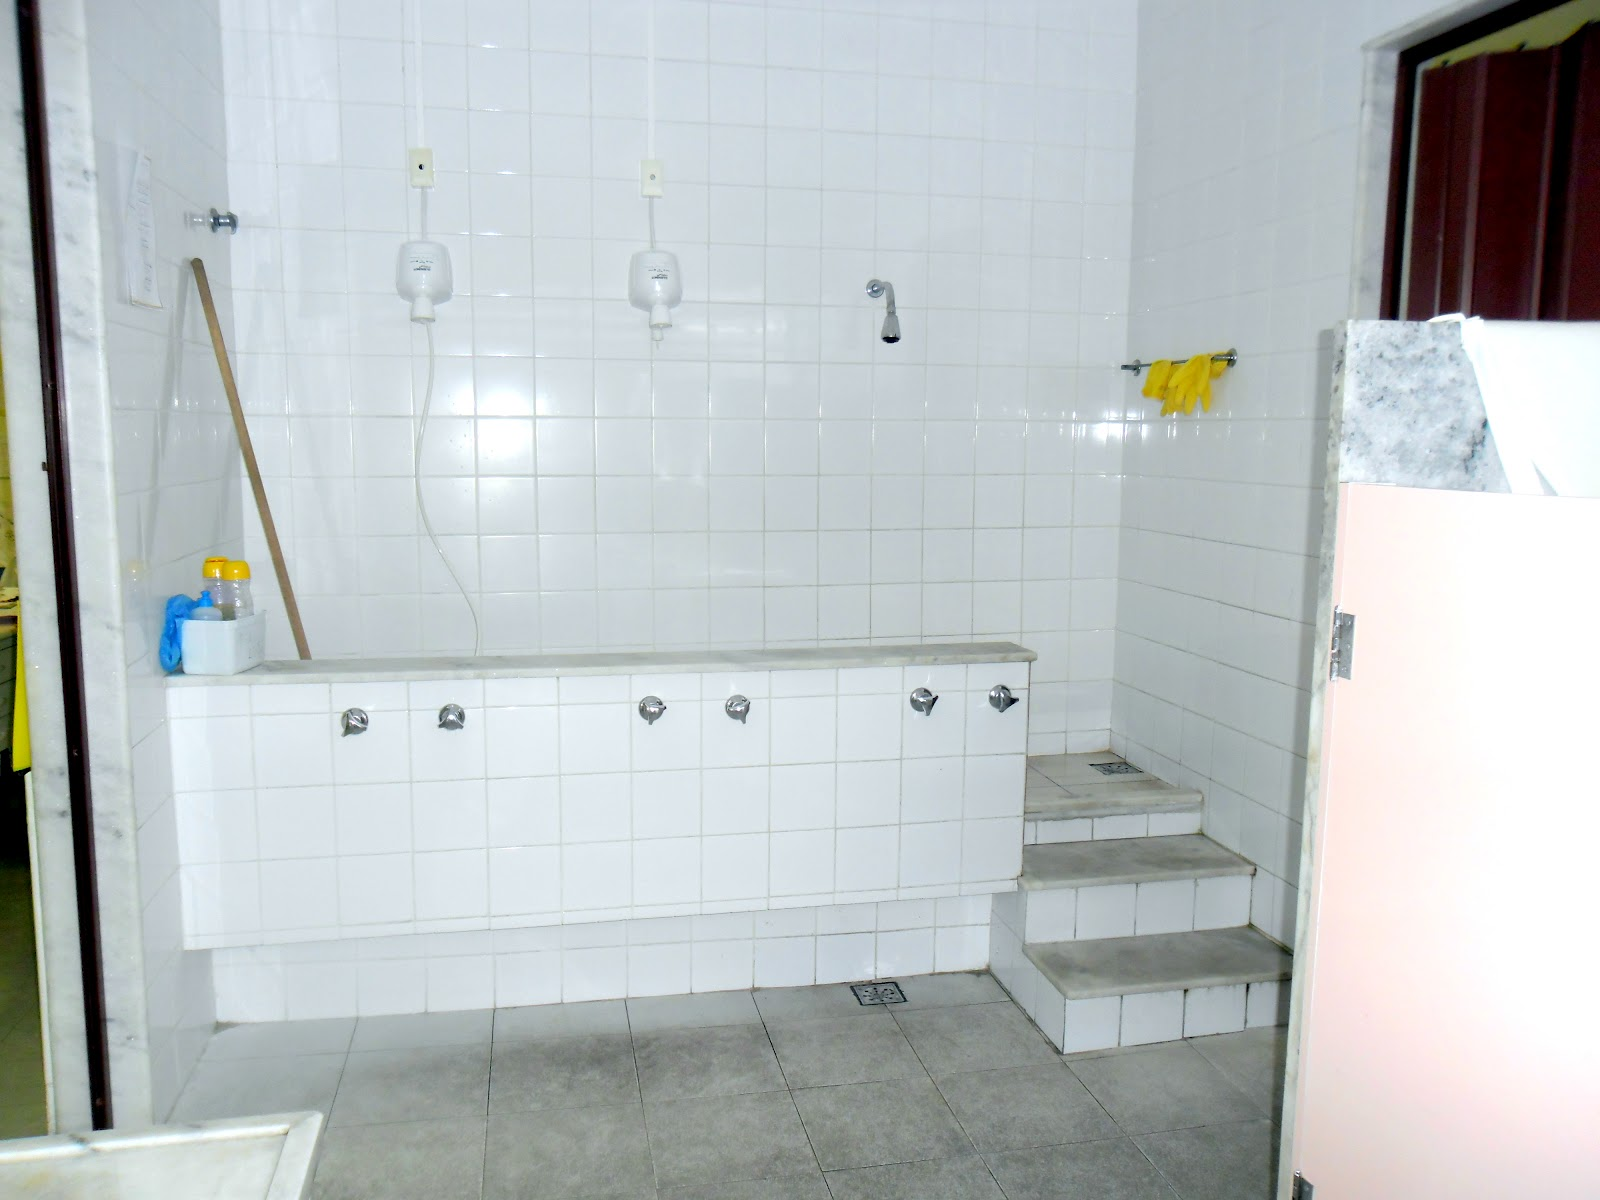 banheiro das crianças banheiro das crianças #BBB010 1600 1200